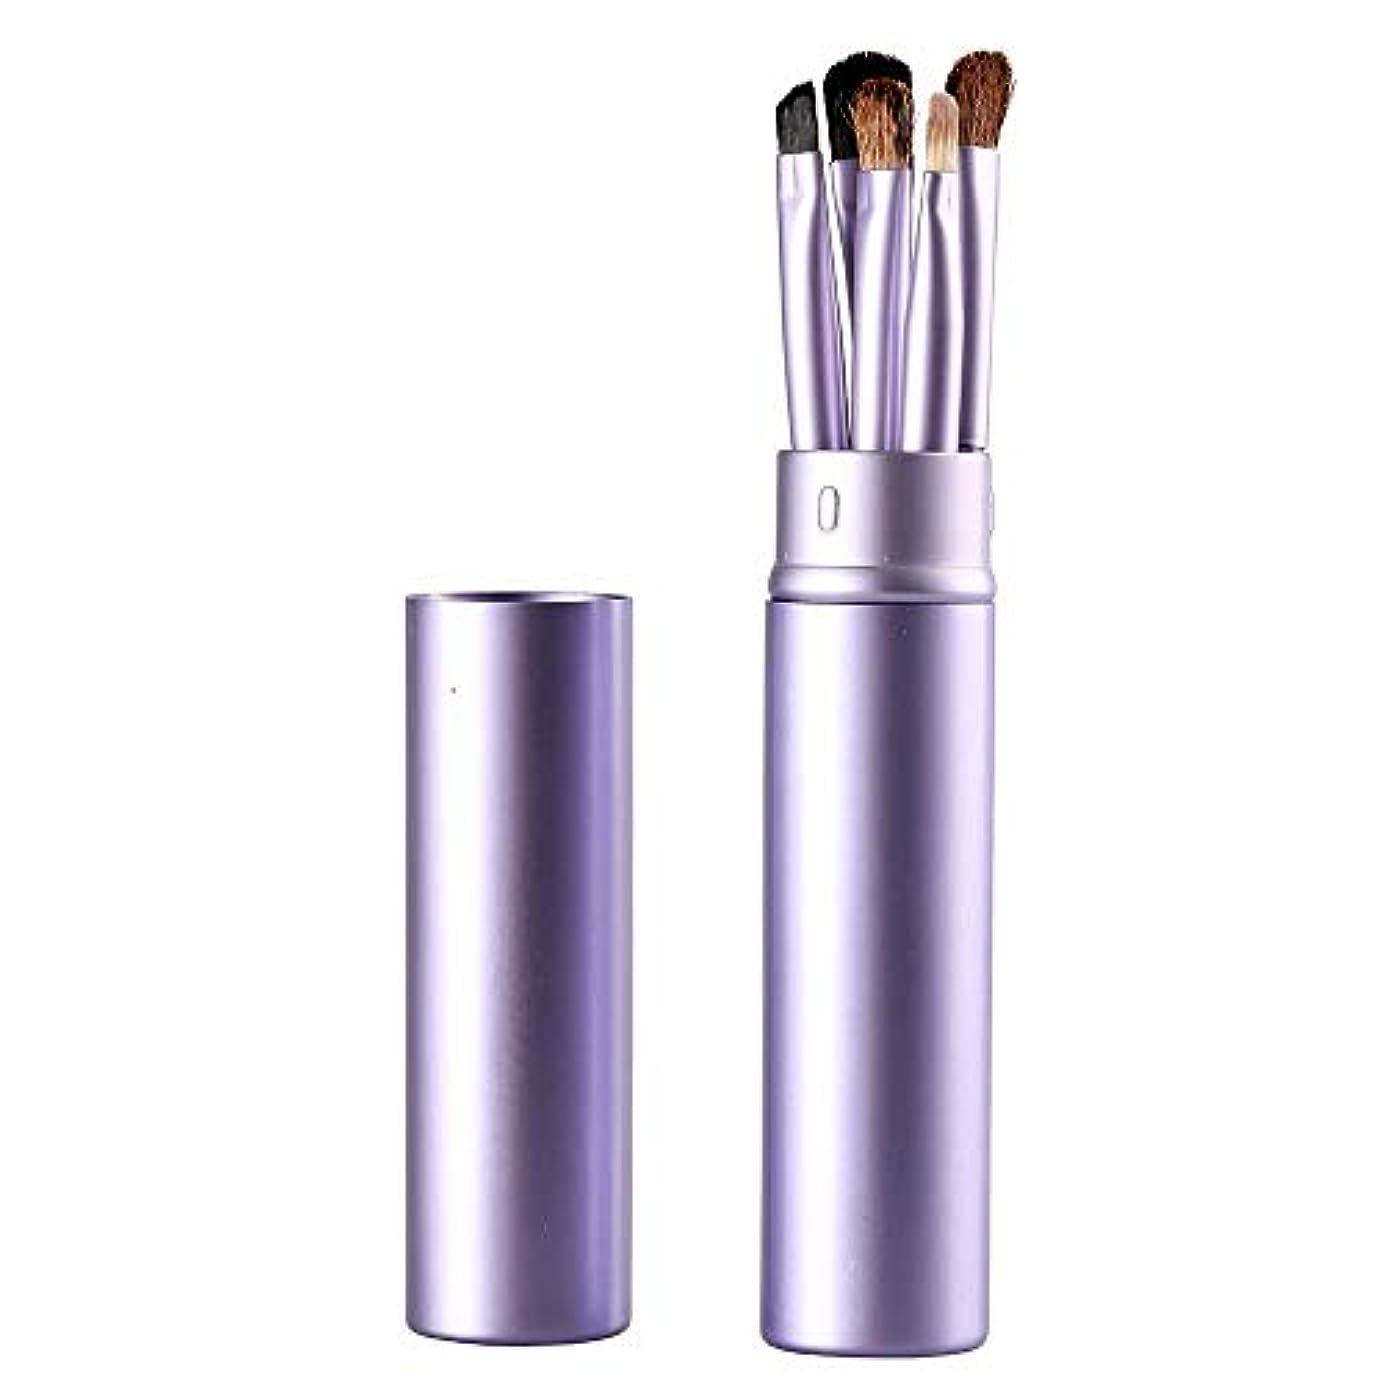 書くソフィー適応Makeup brushes 紫色、アイメイクブラシセットブラシ5アイブラシメイクペン美容メイクツールで化粧チューブ保護 suits (Color : Purple)